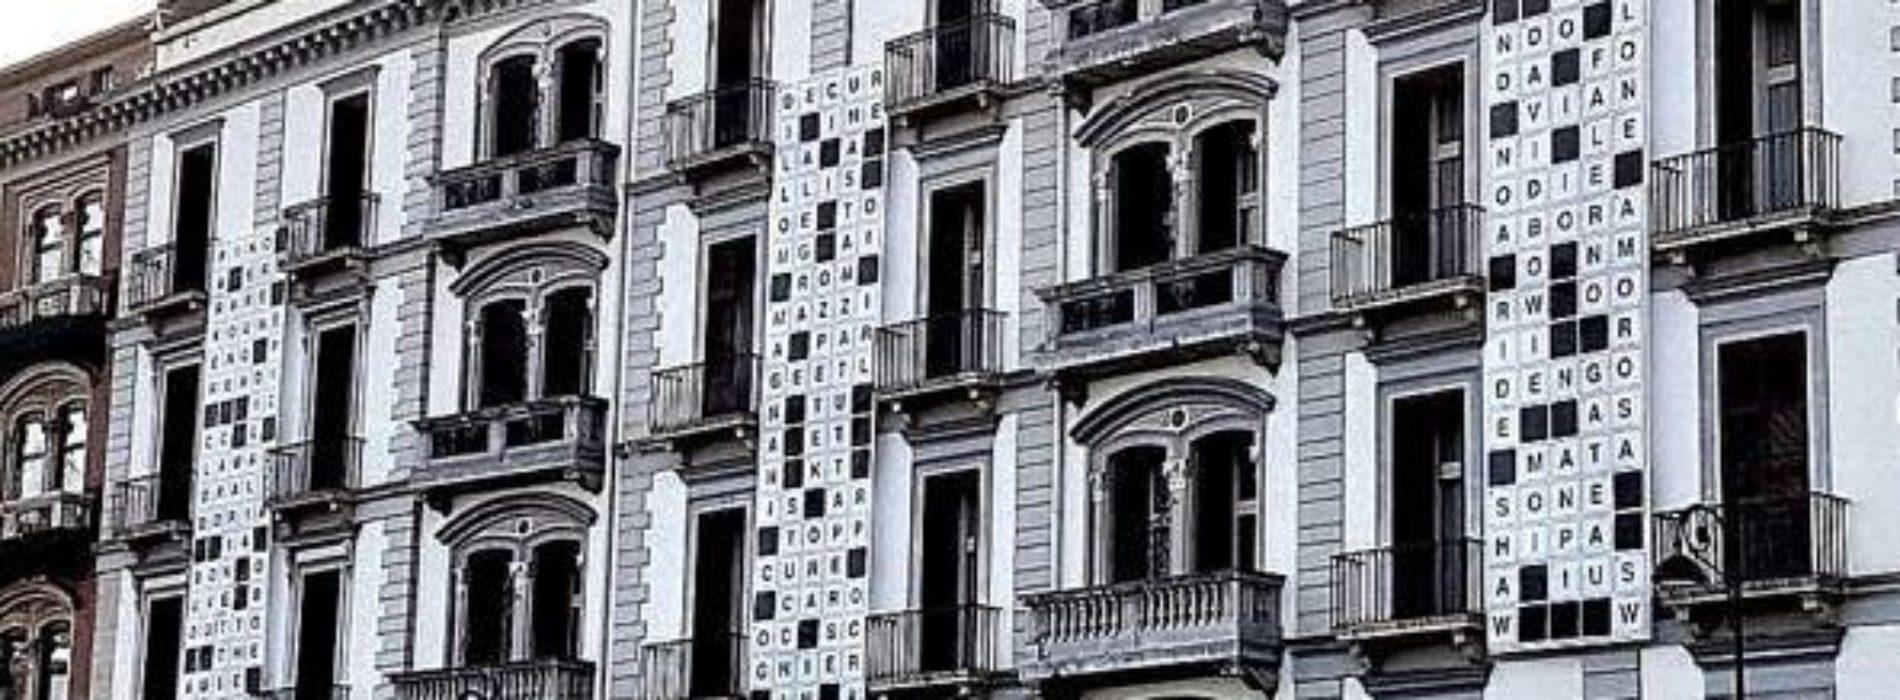 Un enorme cruciverba sulla facciata del Grand Hotel Parker's